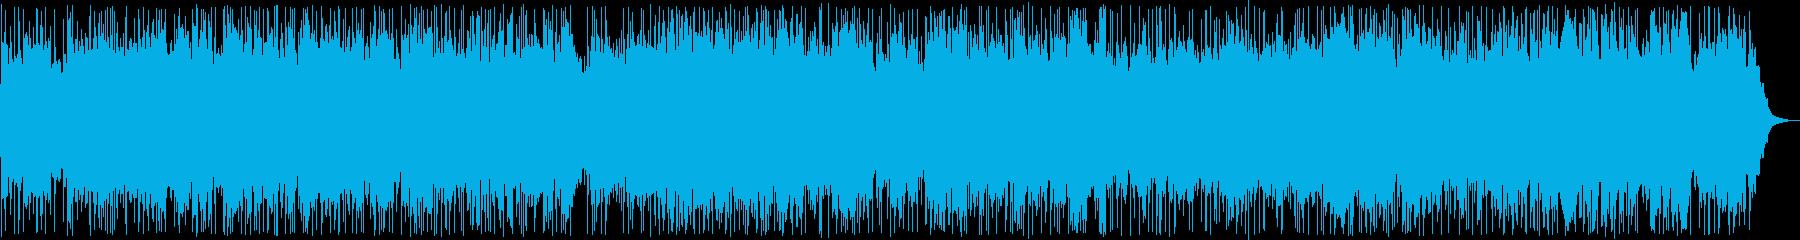 十九の春 / 沖縄民謡の再生済みの波形